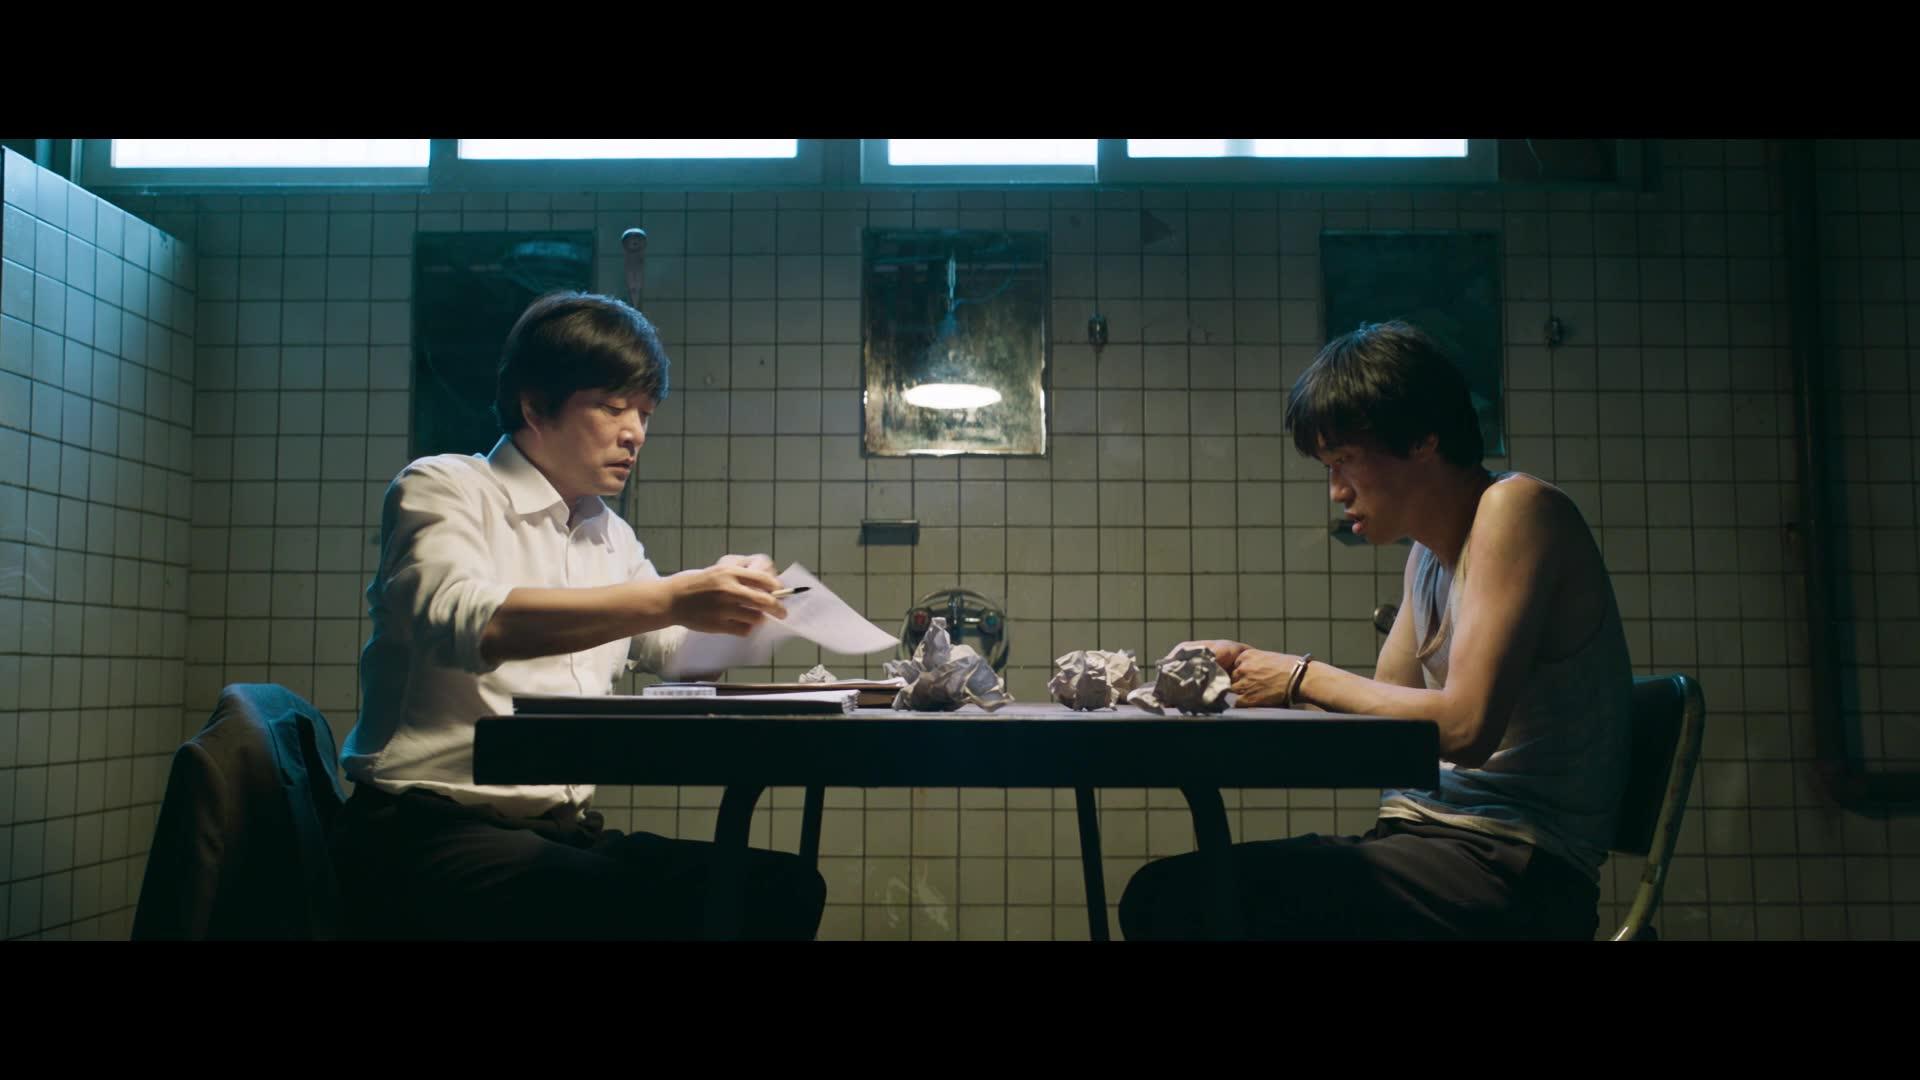 Trailer 2: Ordinary Person